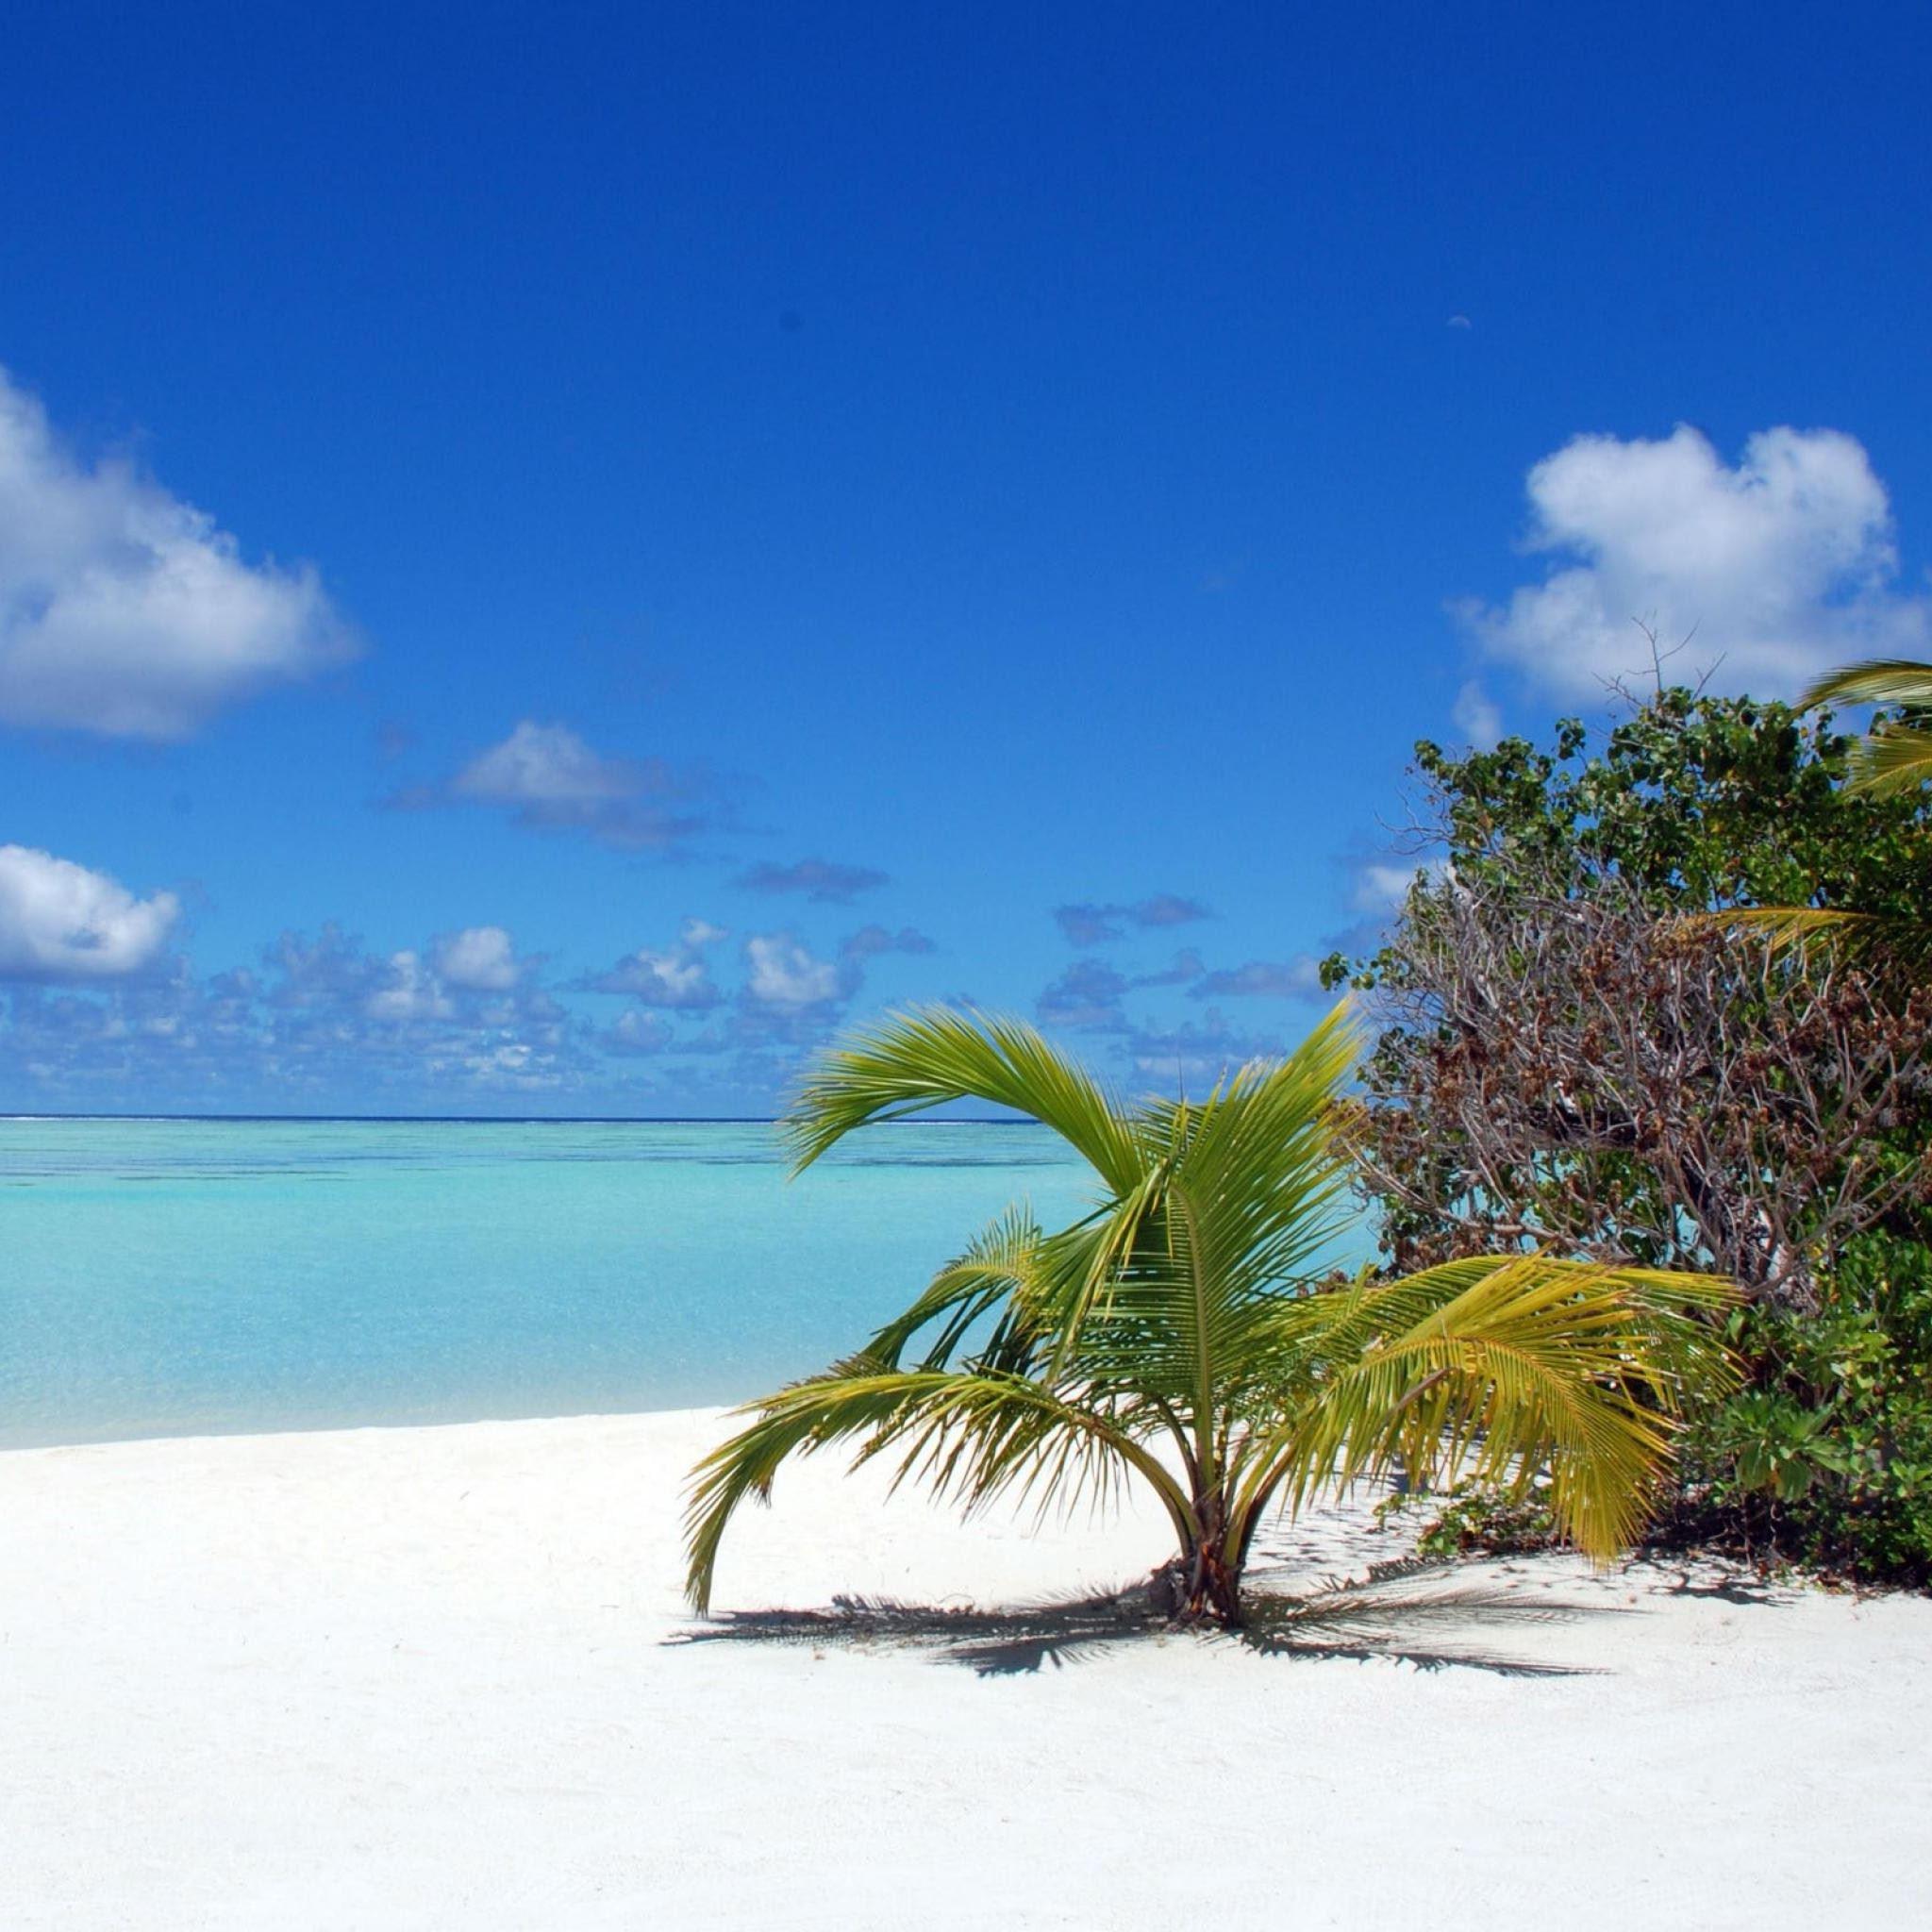 Maldives Beaches Palm Trees iPad Air wallpaper